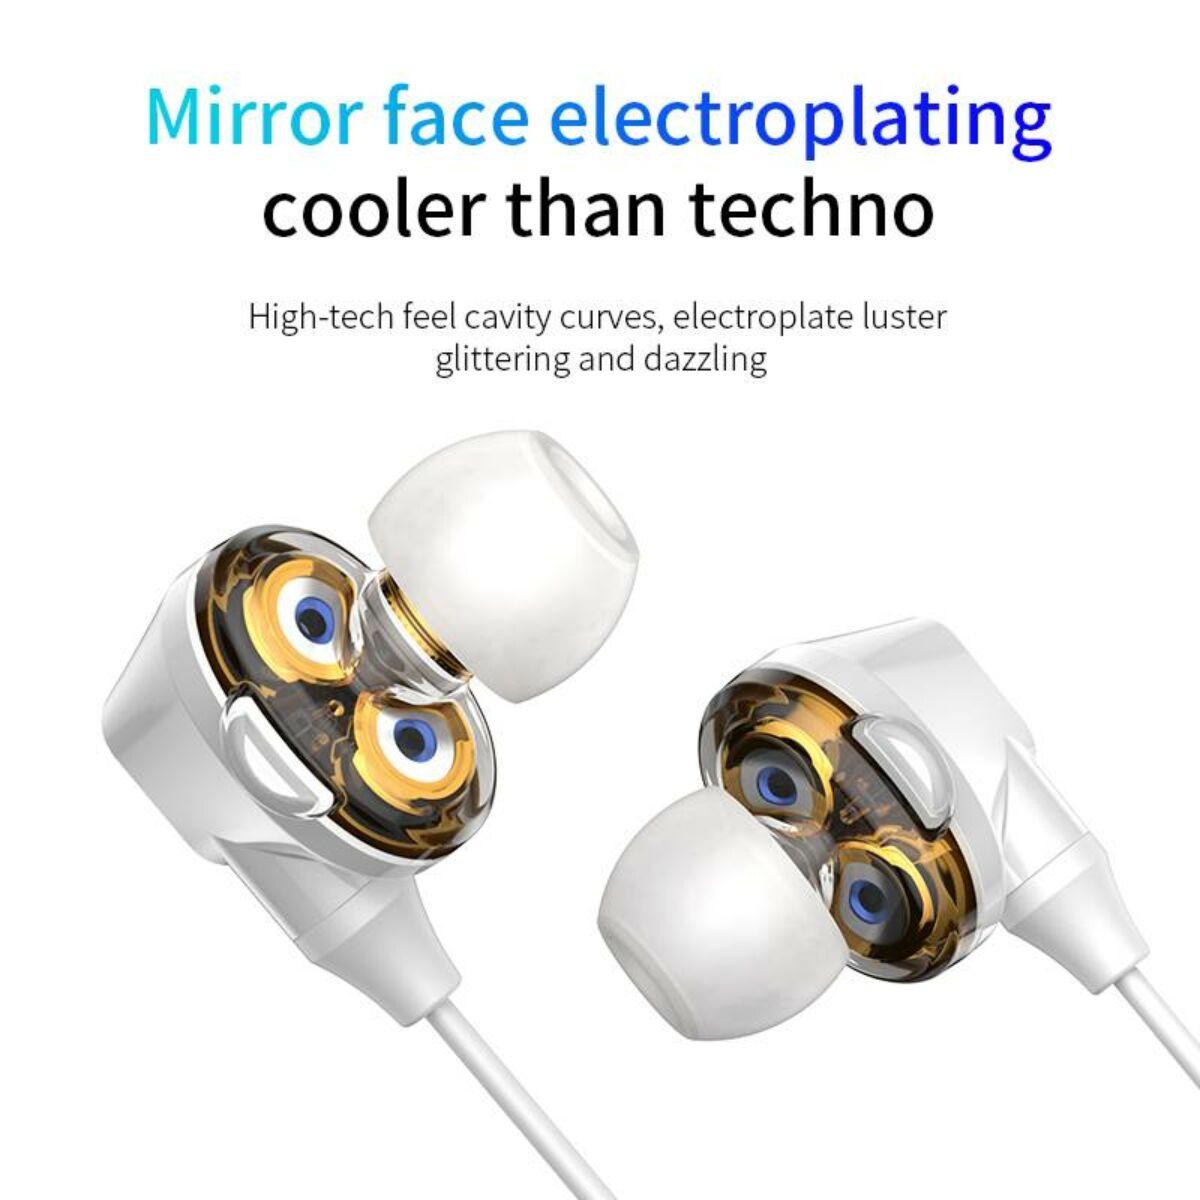 Baseus fülhallgató, Bluetooth Encok S10 Dual Moving-Coil vezeték nélküli headset, vezérlővel, fehér (NGS10-02)